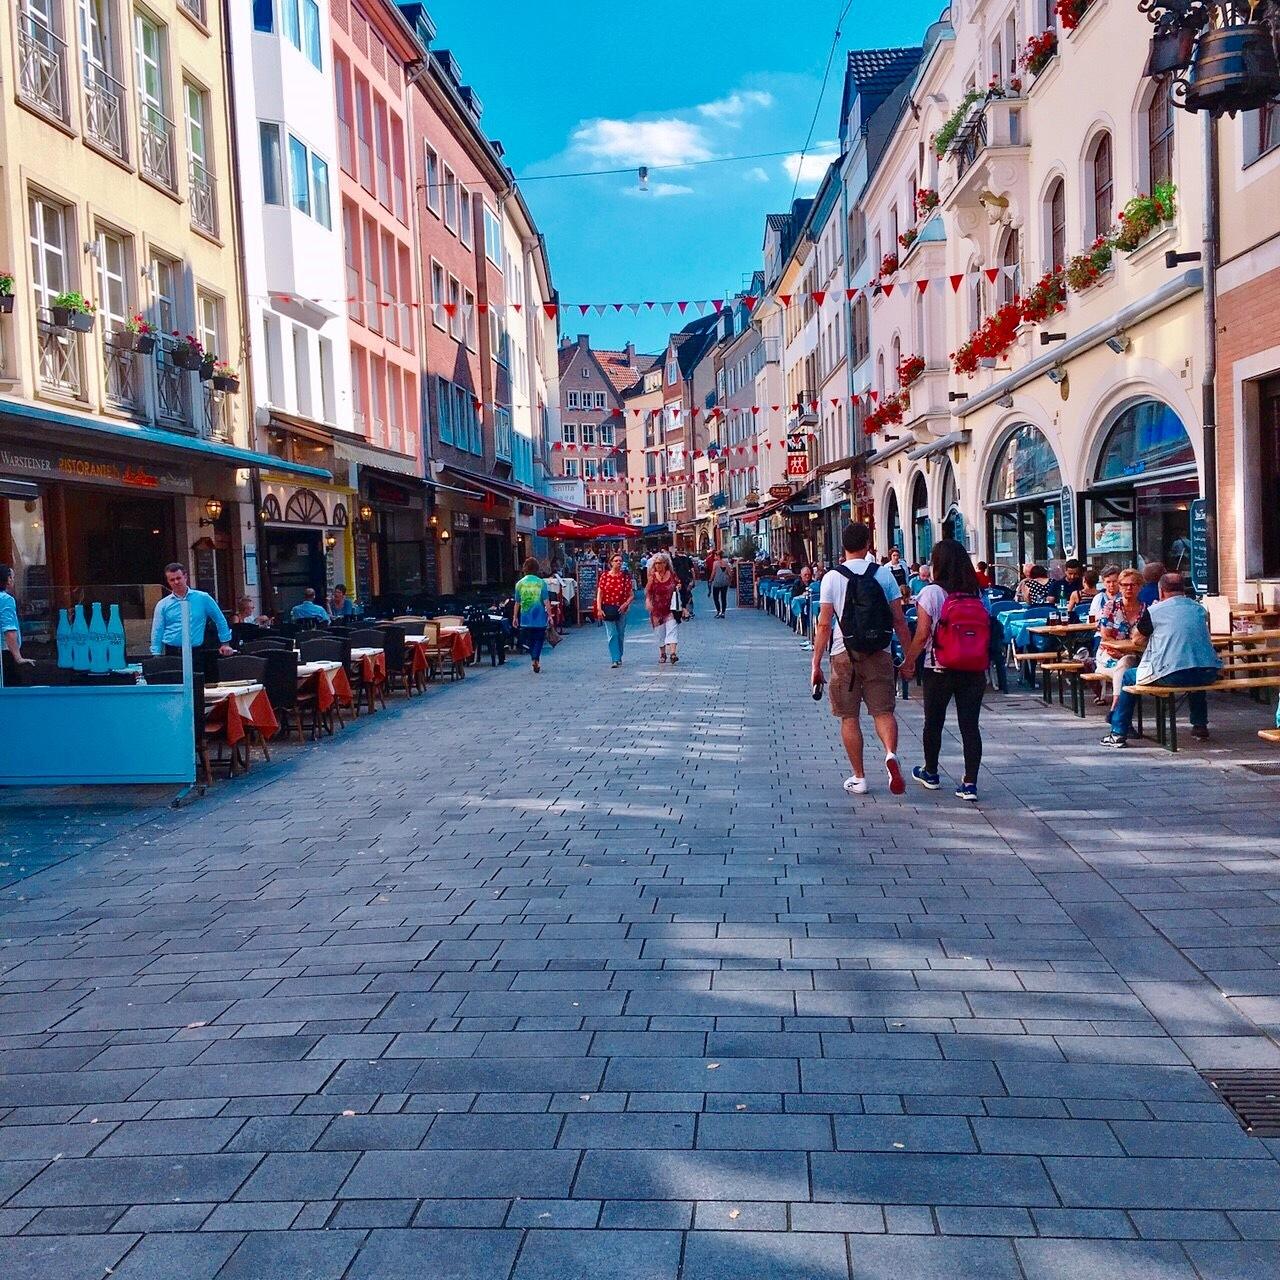 ドイツ -帰国子女が教えるマル秘スポット【デュッセルドルフ】の街を歩く-_1_4-2